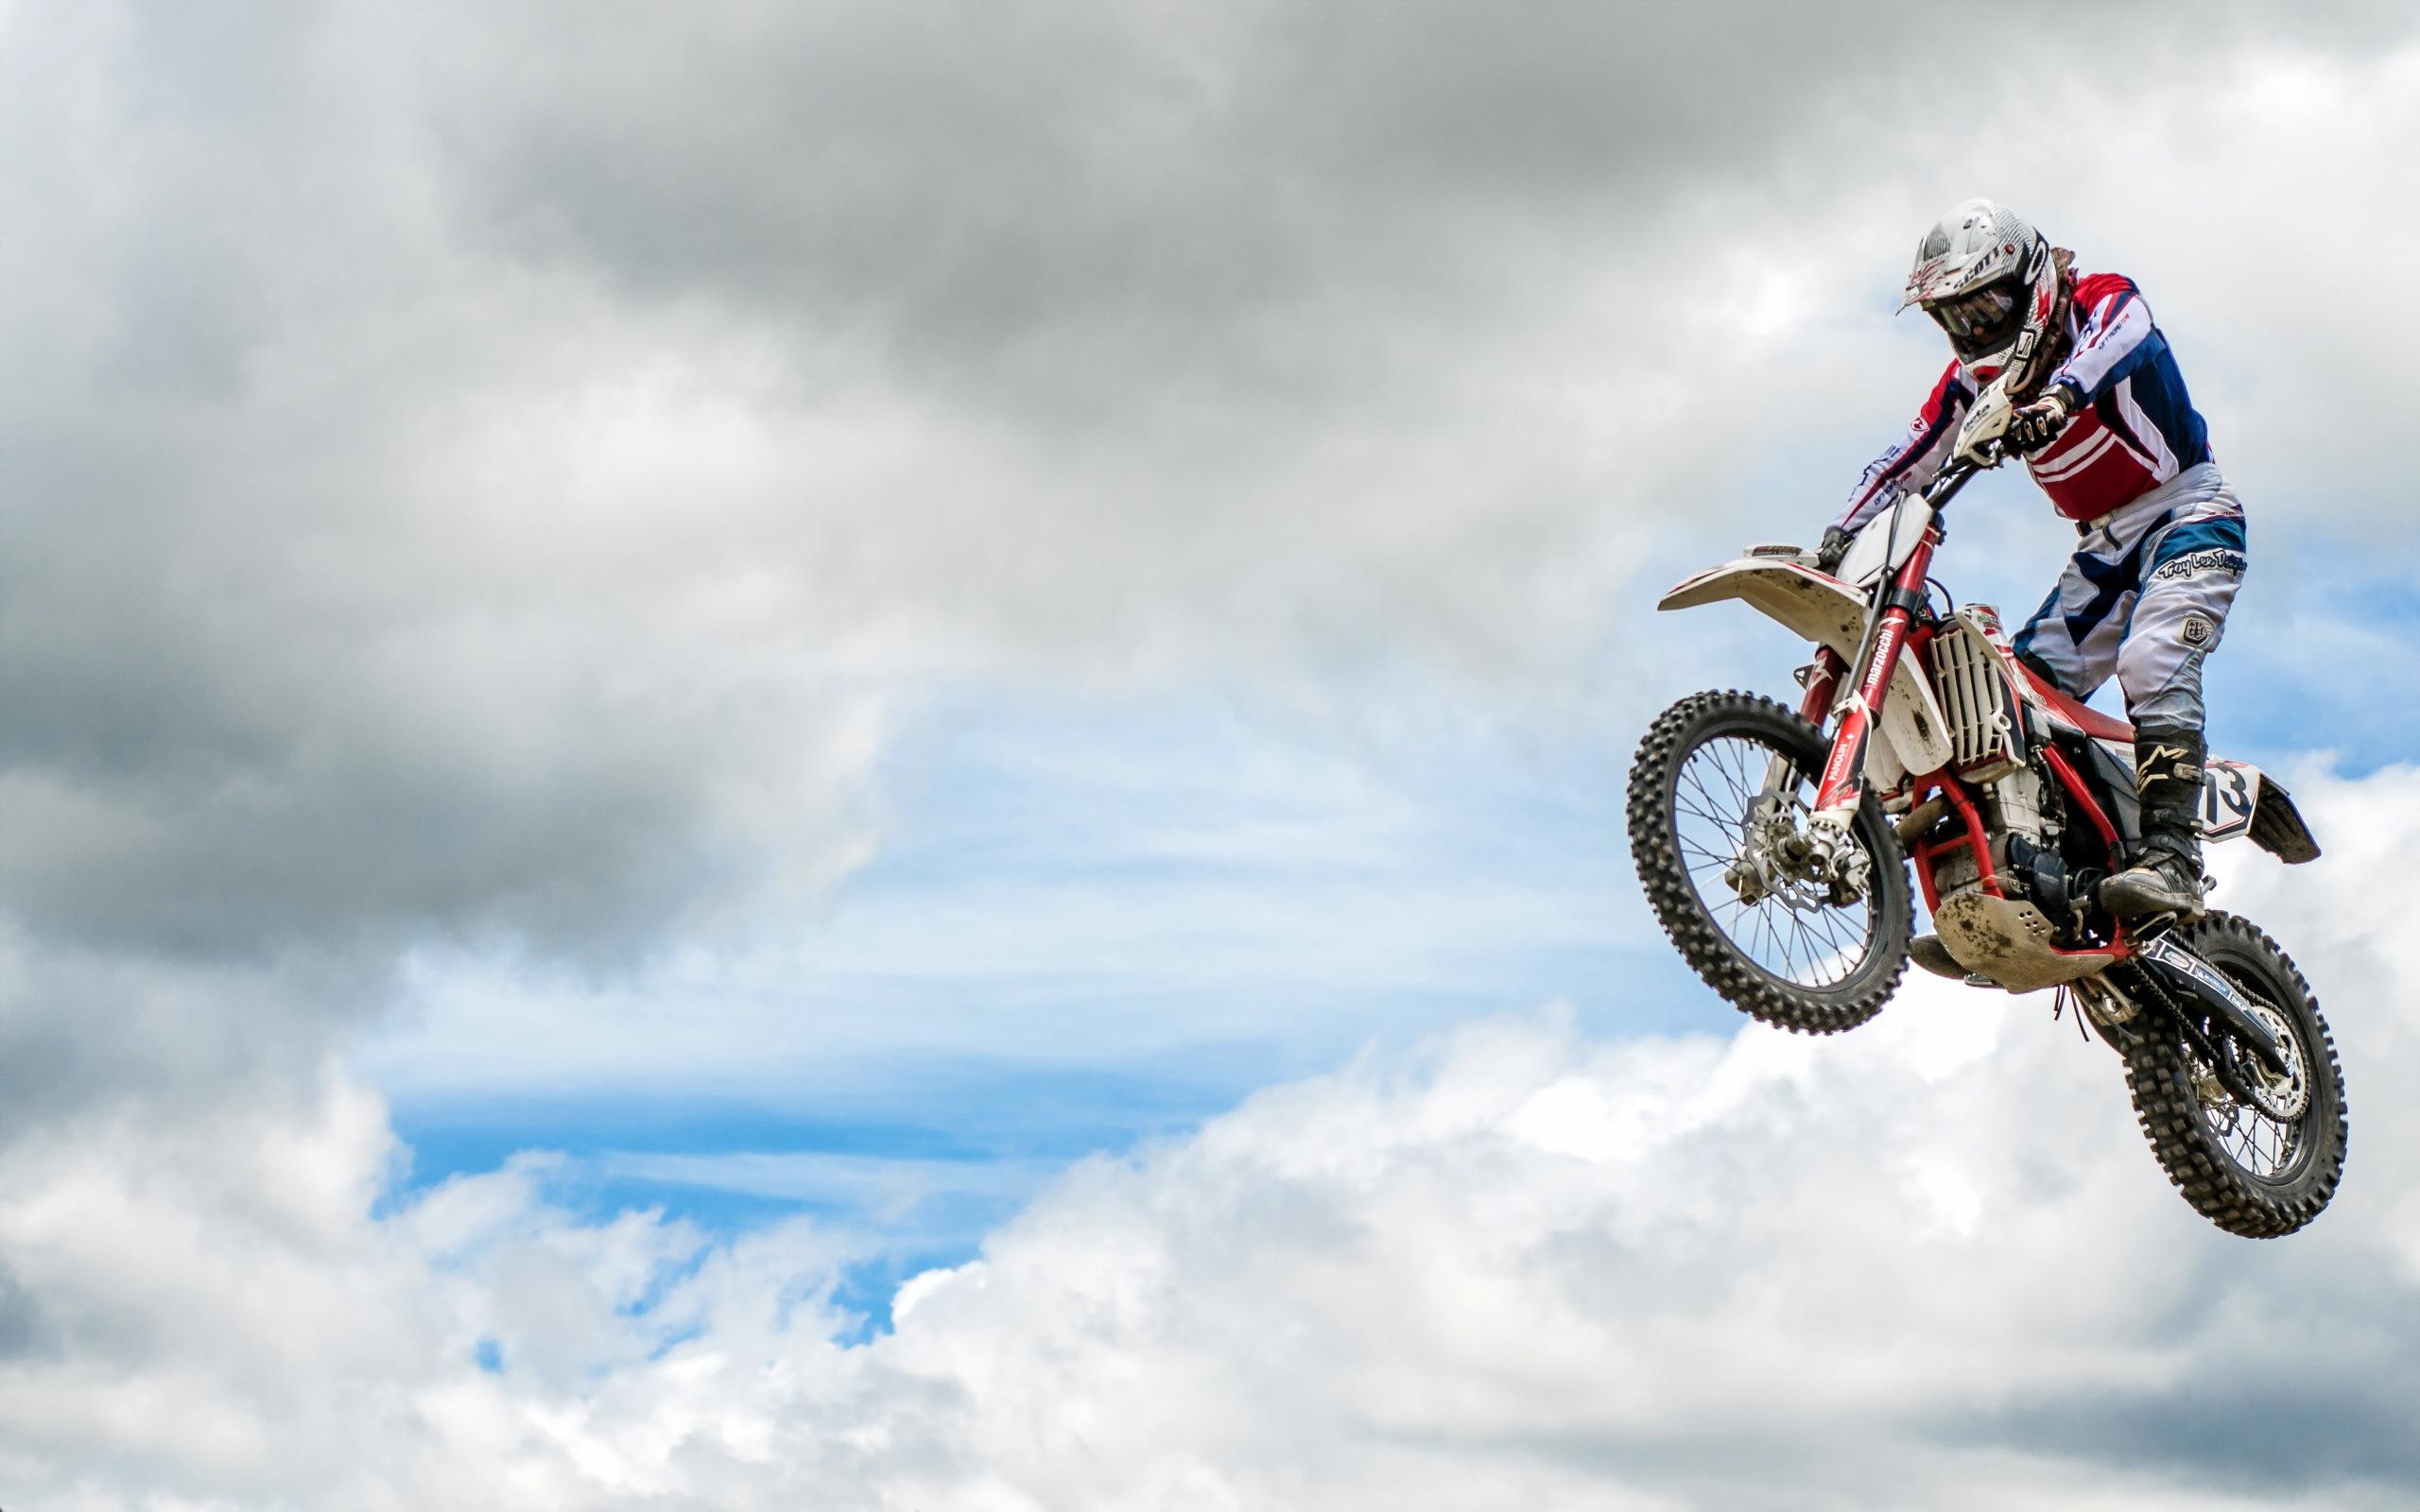 Прыжок на котоцикле  № 1580270 бесплатно